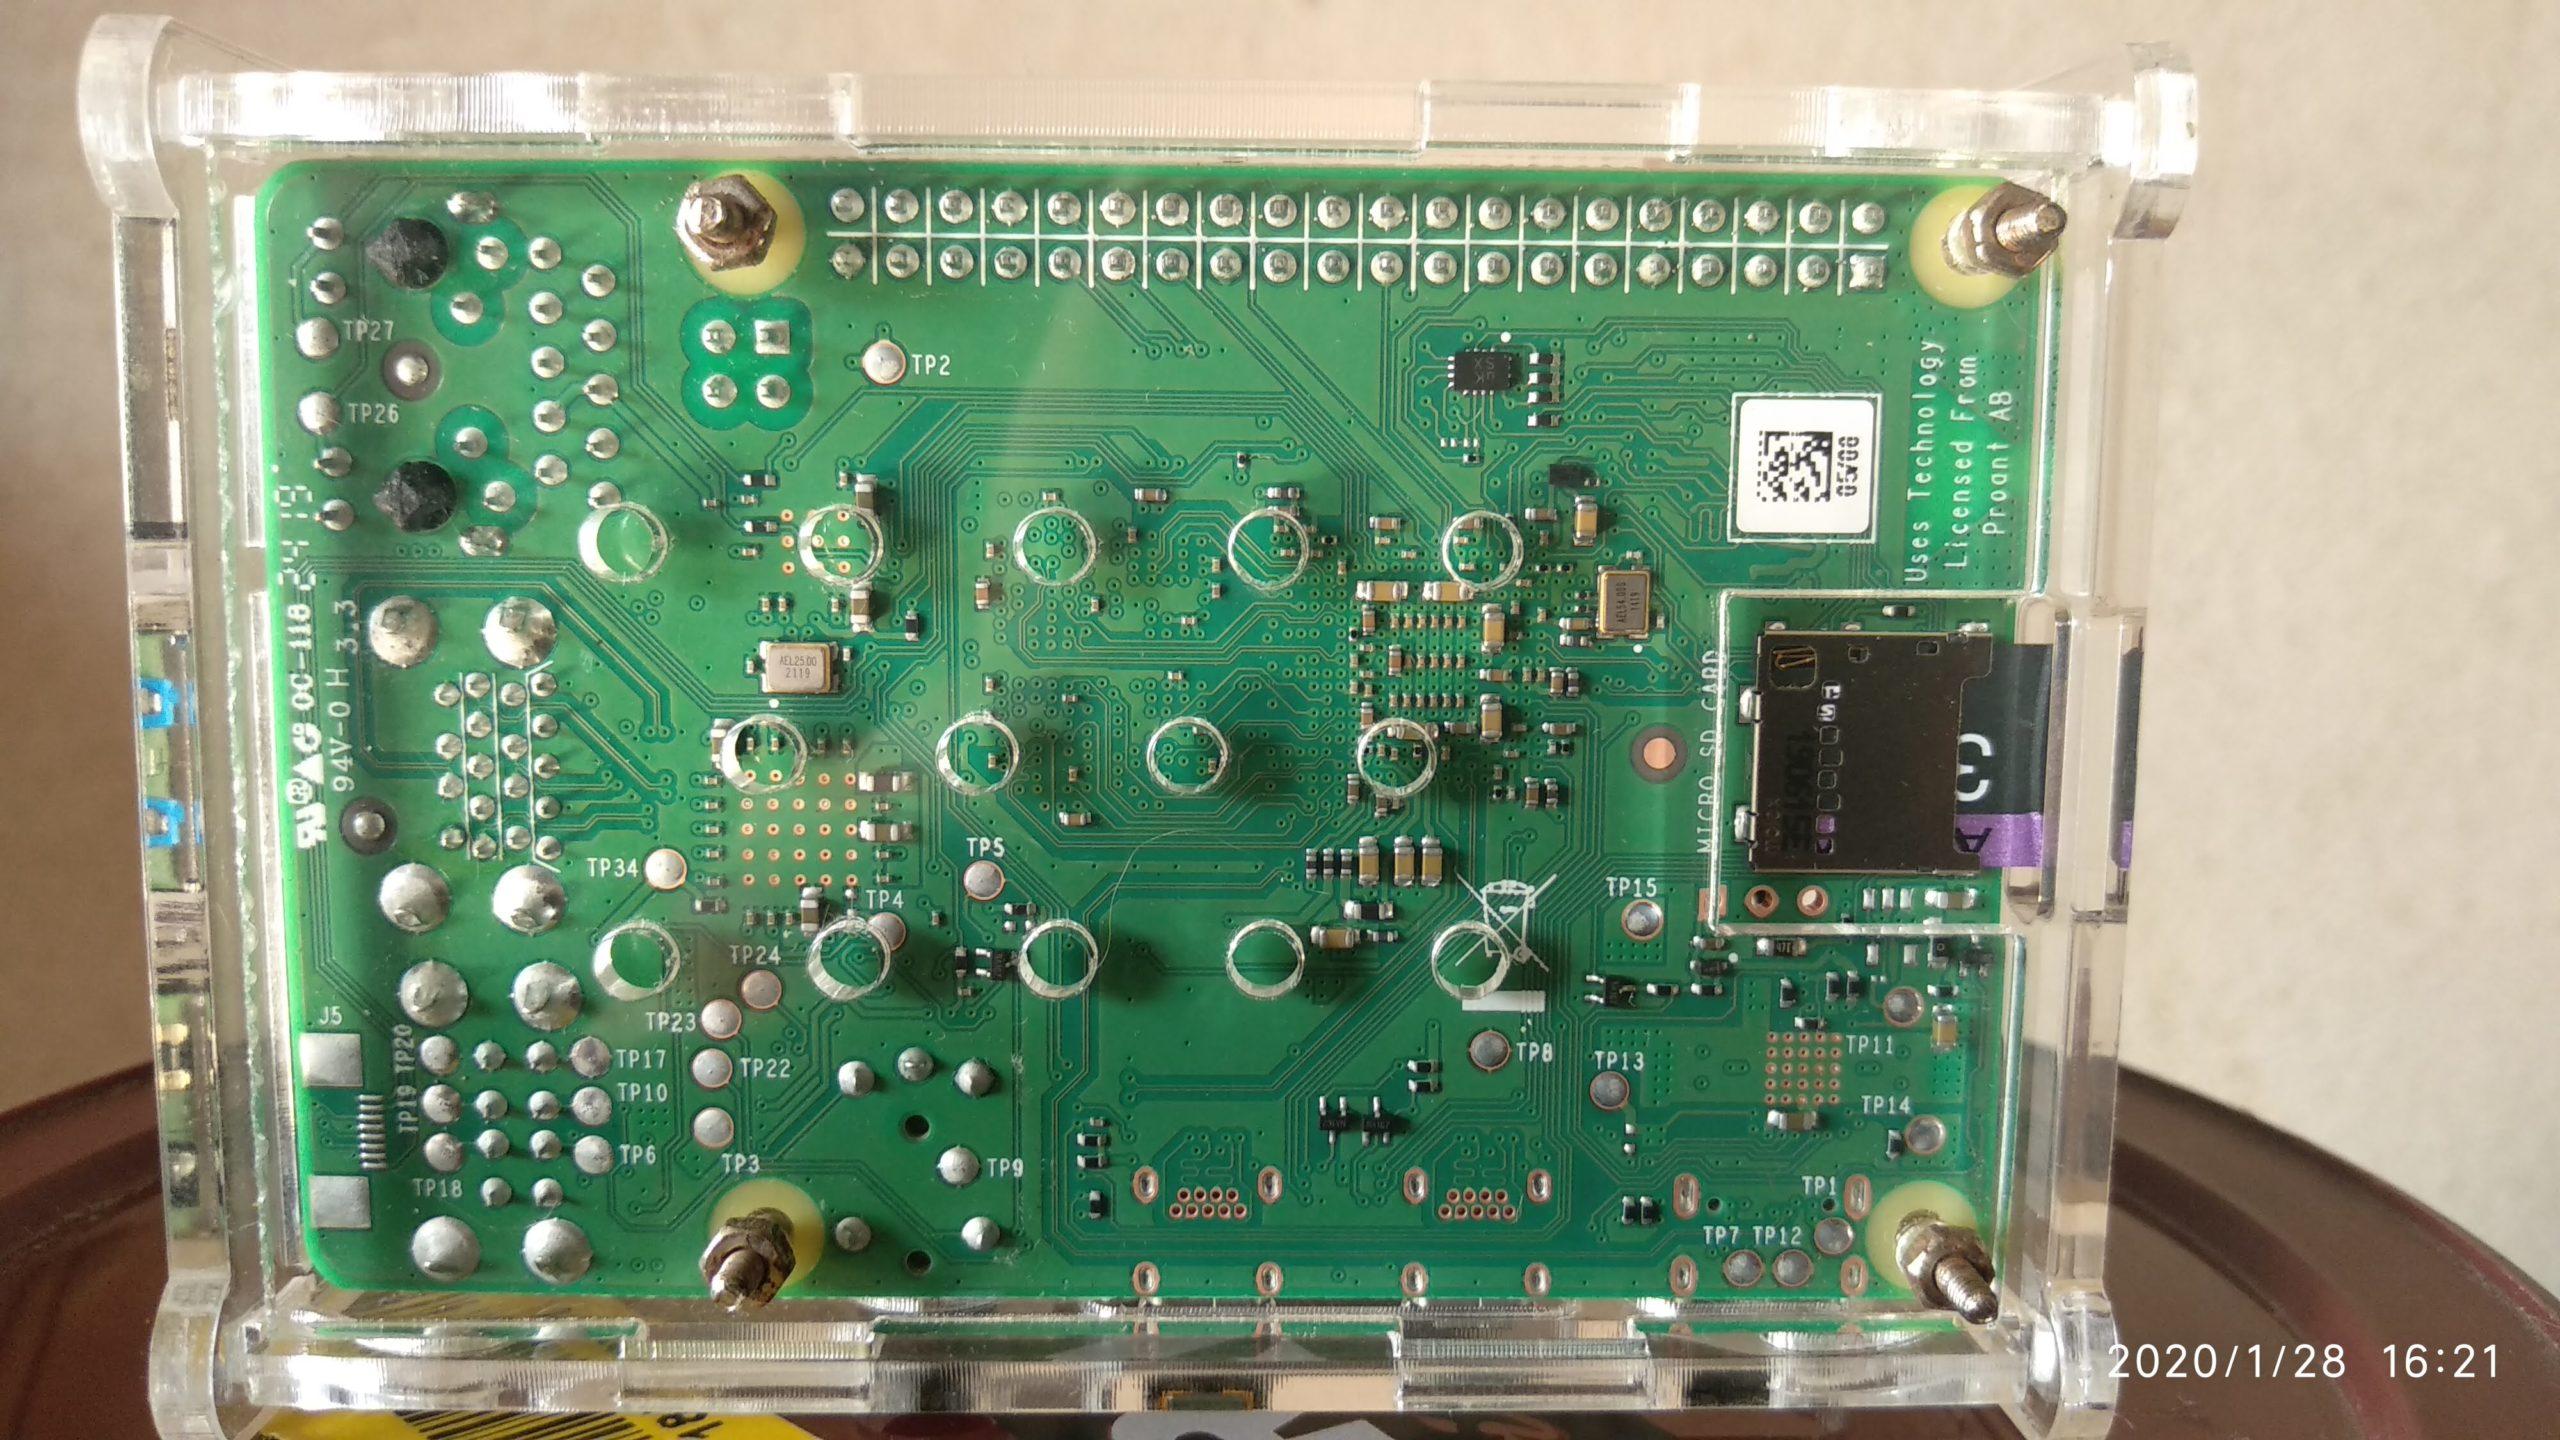 Vista inferior de carcasa de Raspberry Pi 4